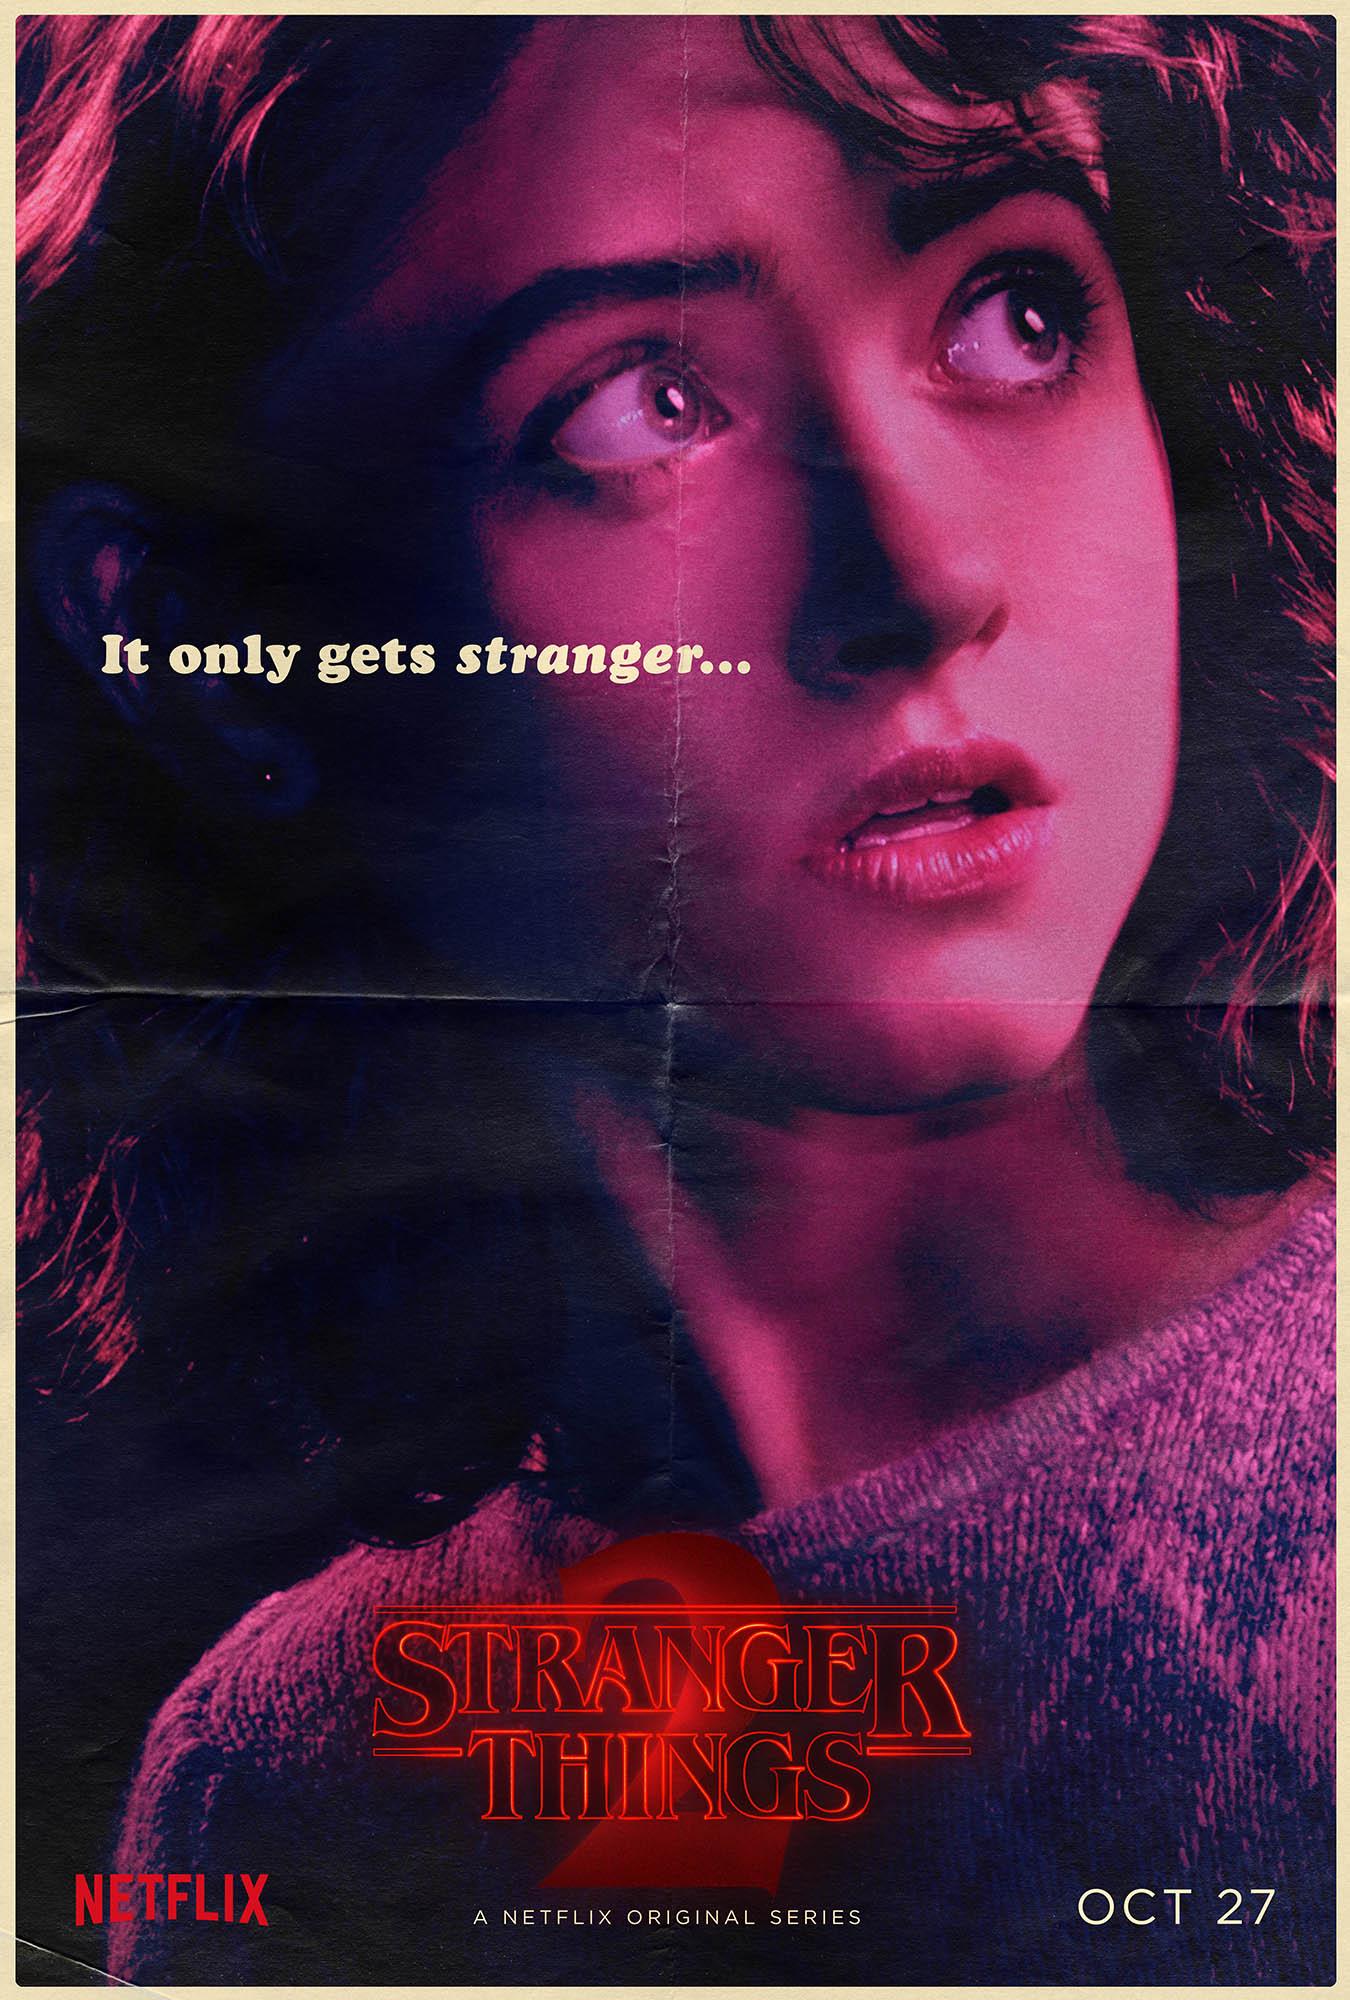 StrangerThingsS2_Nancy_100dpi.jpg